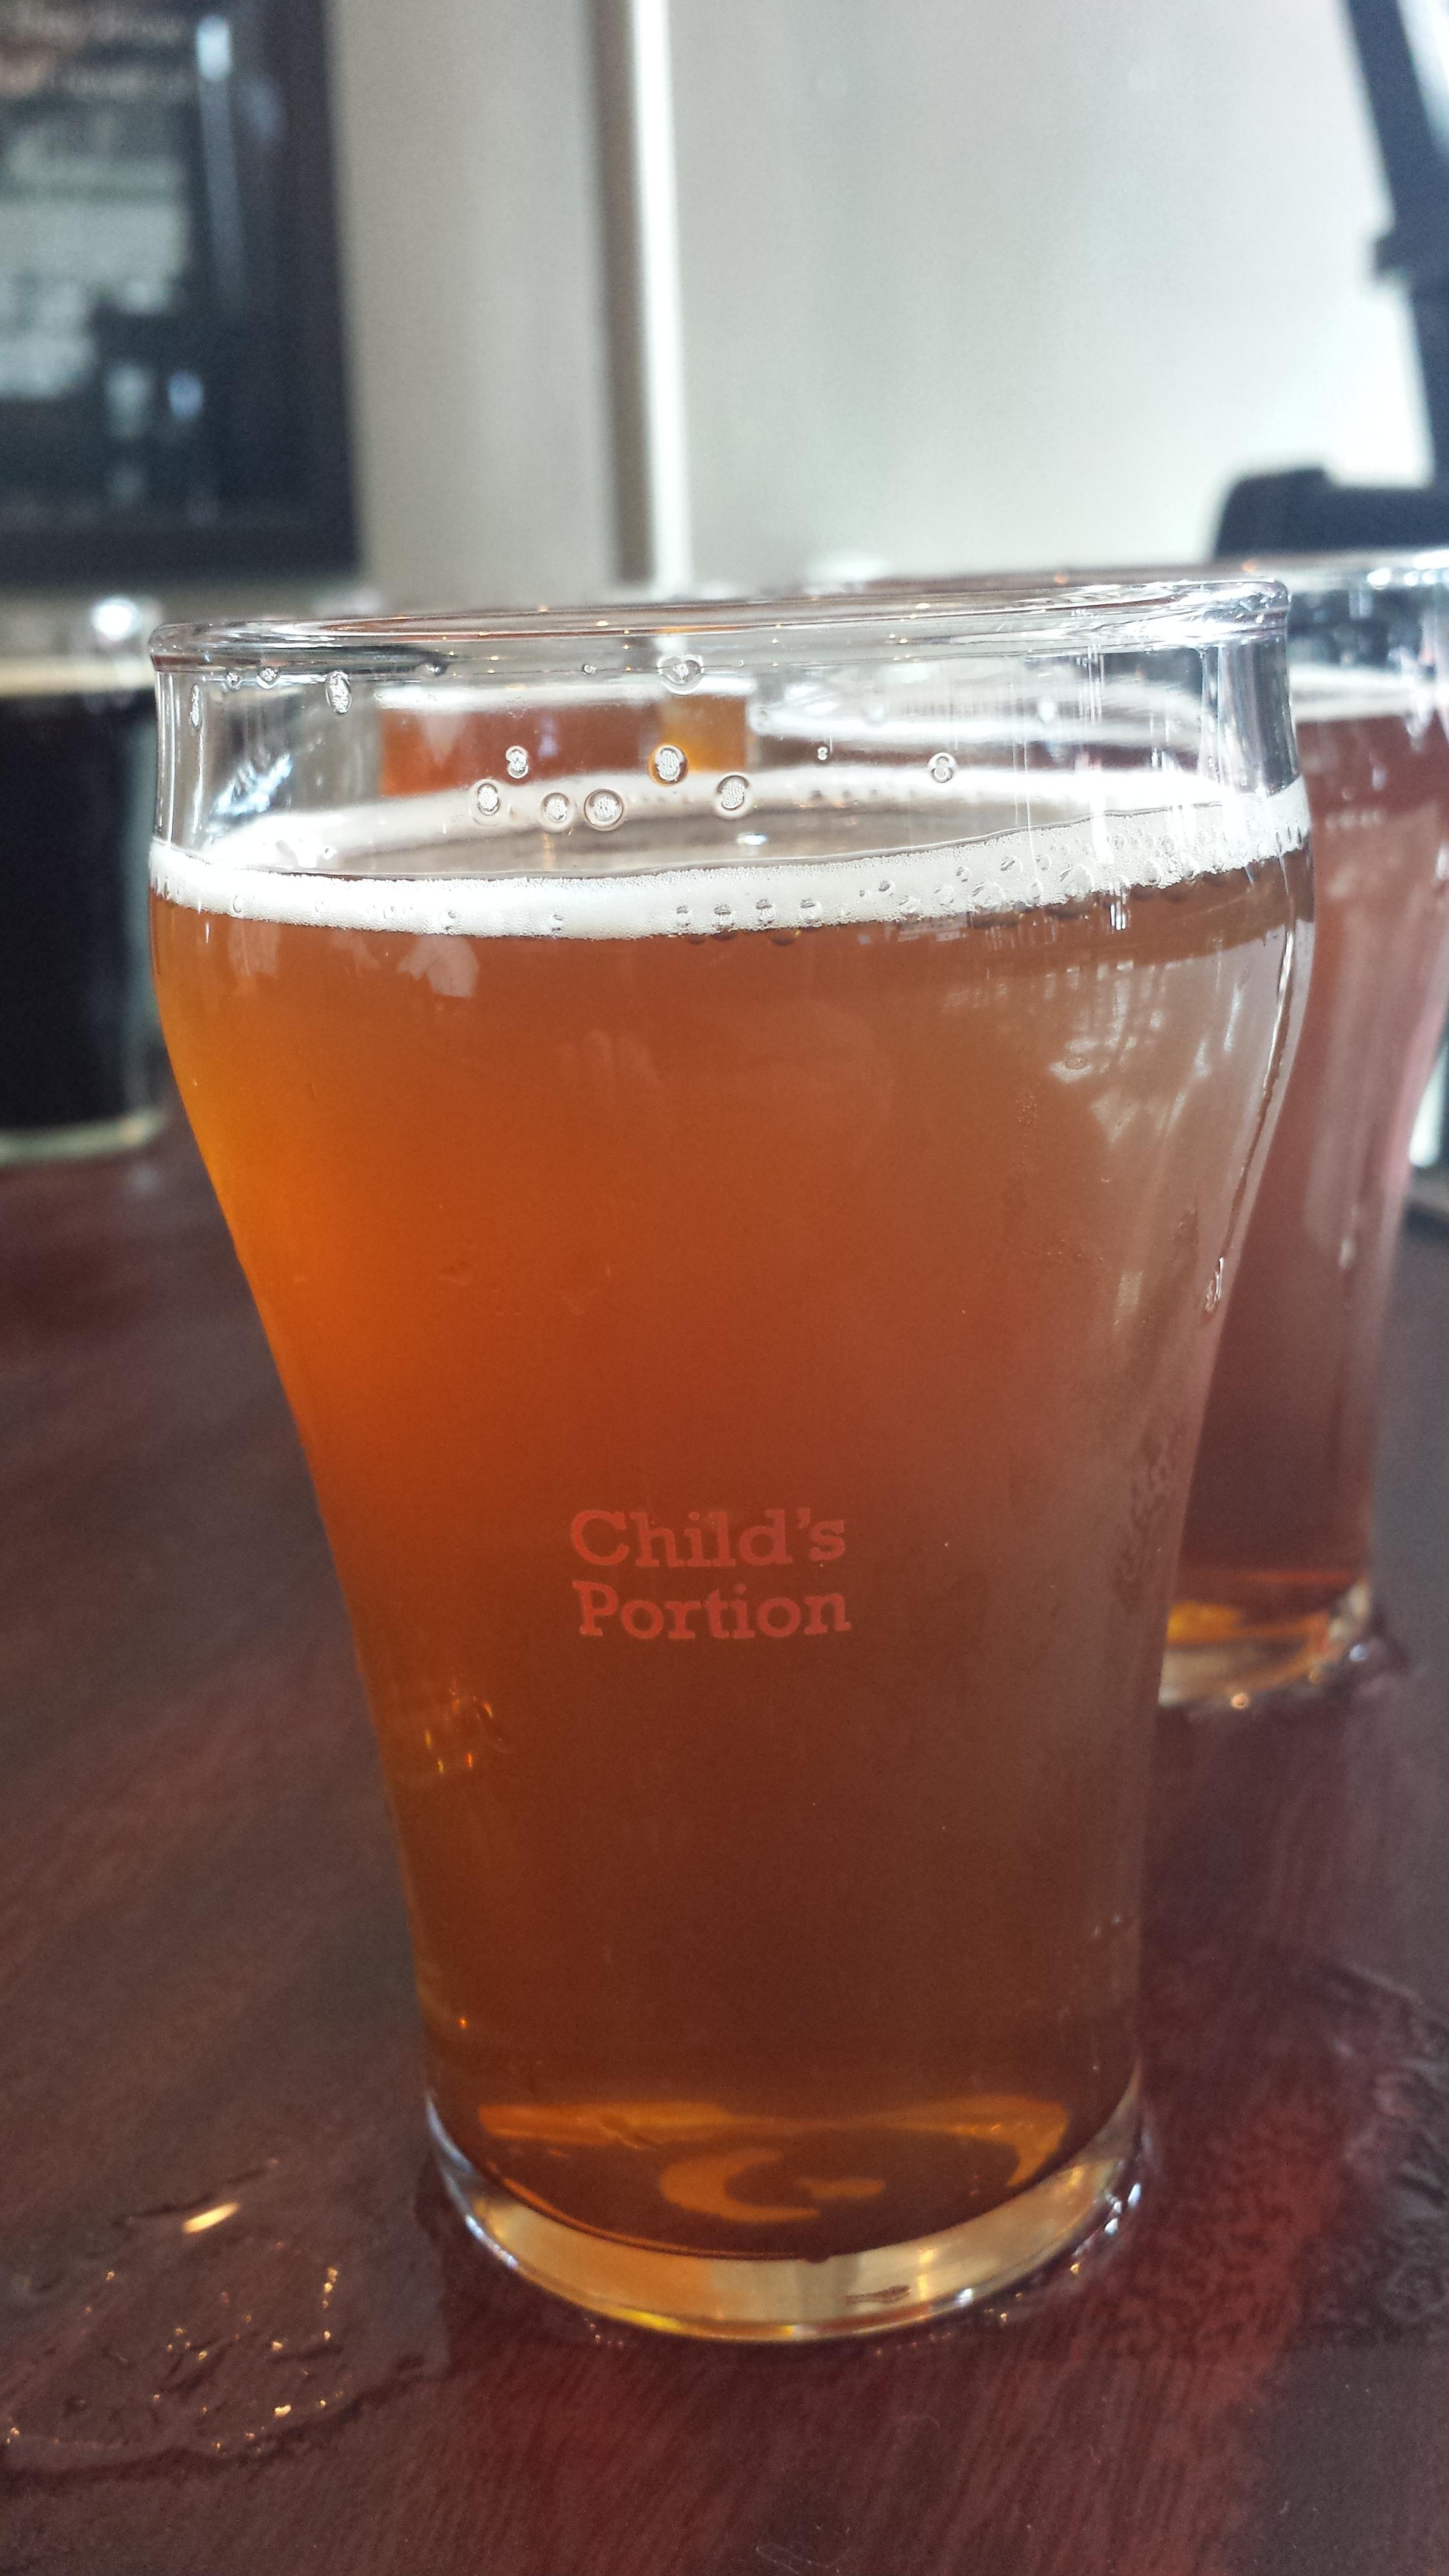 Фото: «Детская порция» — в Европе растет популярность безалкогольного пива.